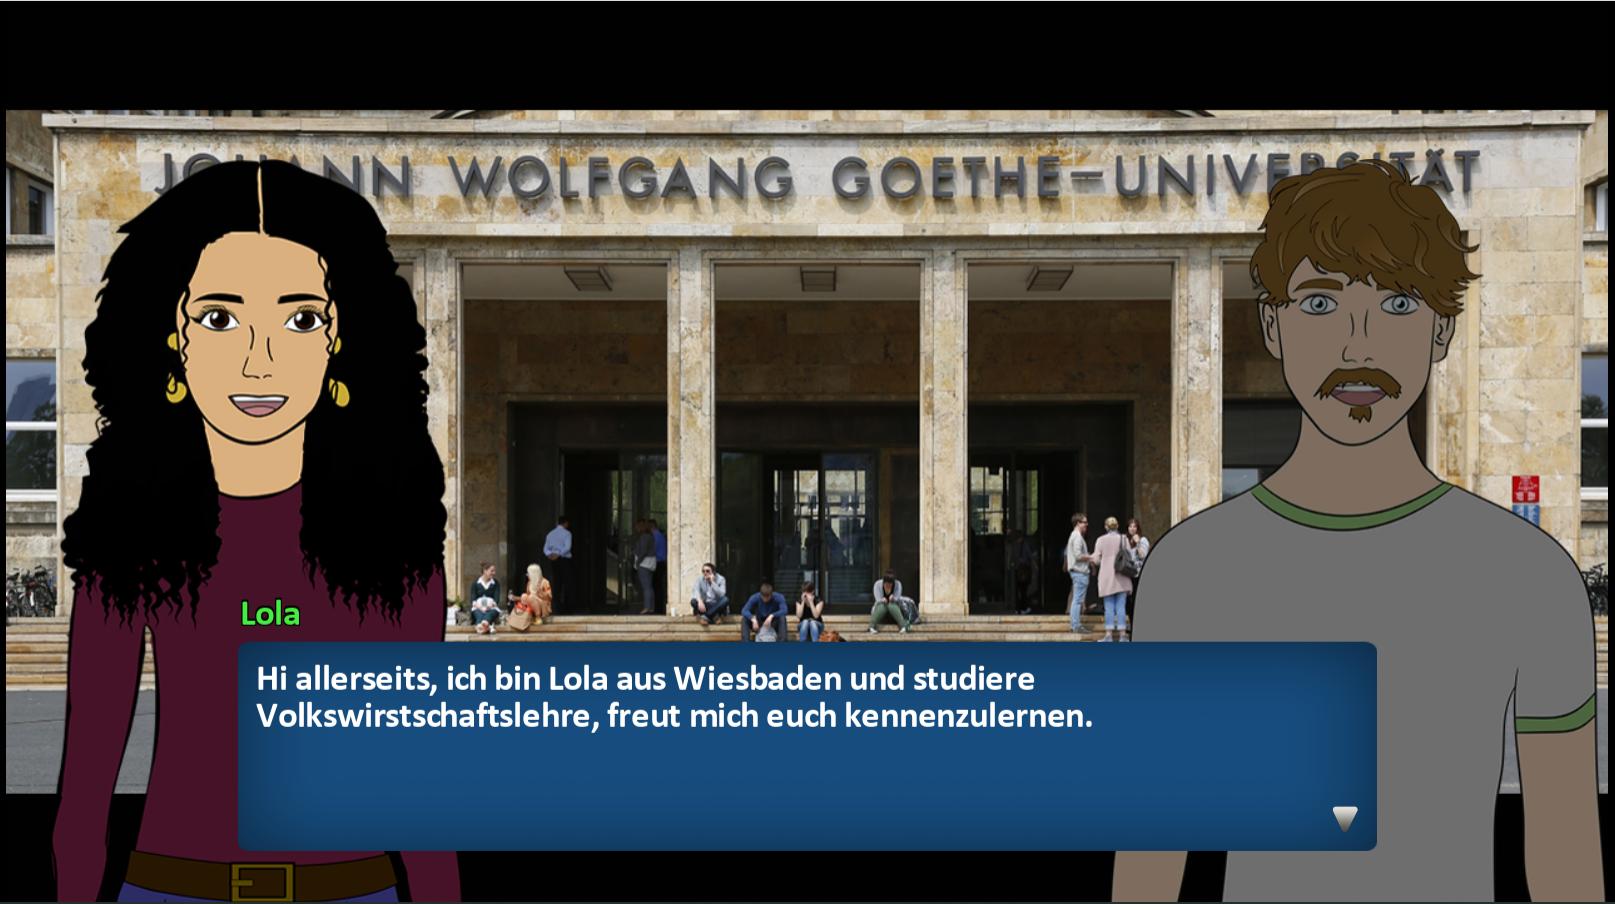 Die Avatare Lola und Ludwig stehen vor dem Universitätsgebäude. Lola sagt 'Hi allerseits, ich bin Lola aus Wiesbaden und studiere Volkswirtschaftslehre, freue mich euch kennenzulernen.'